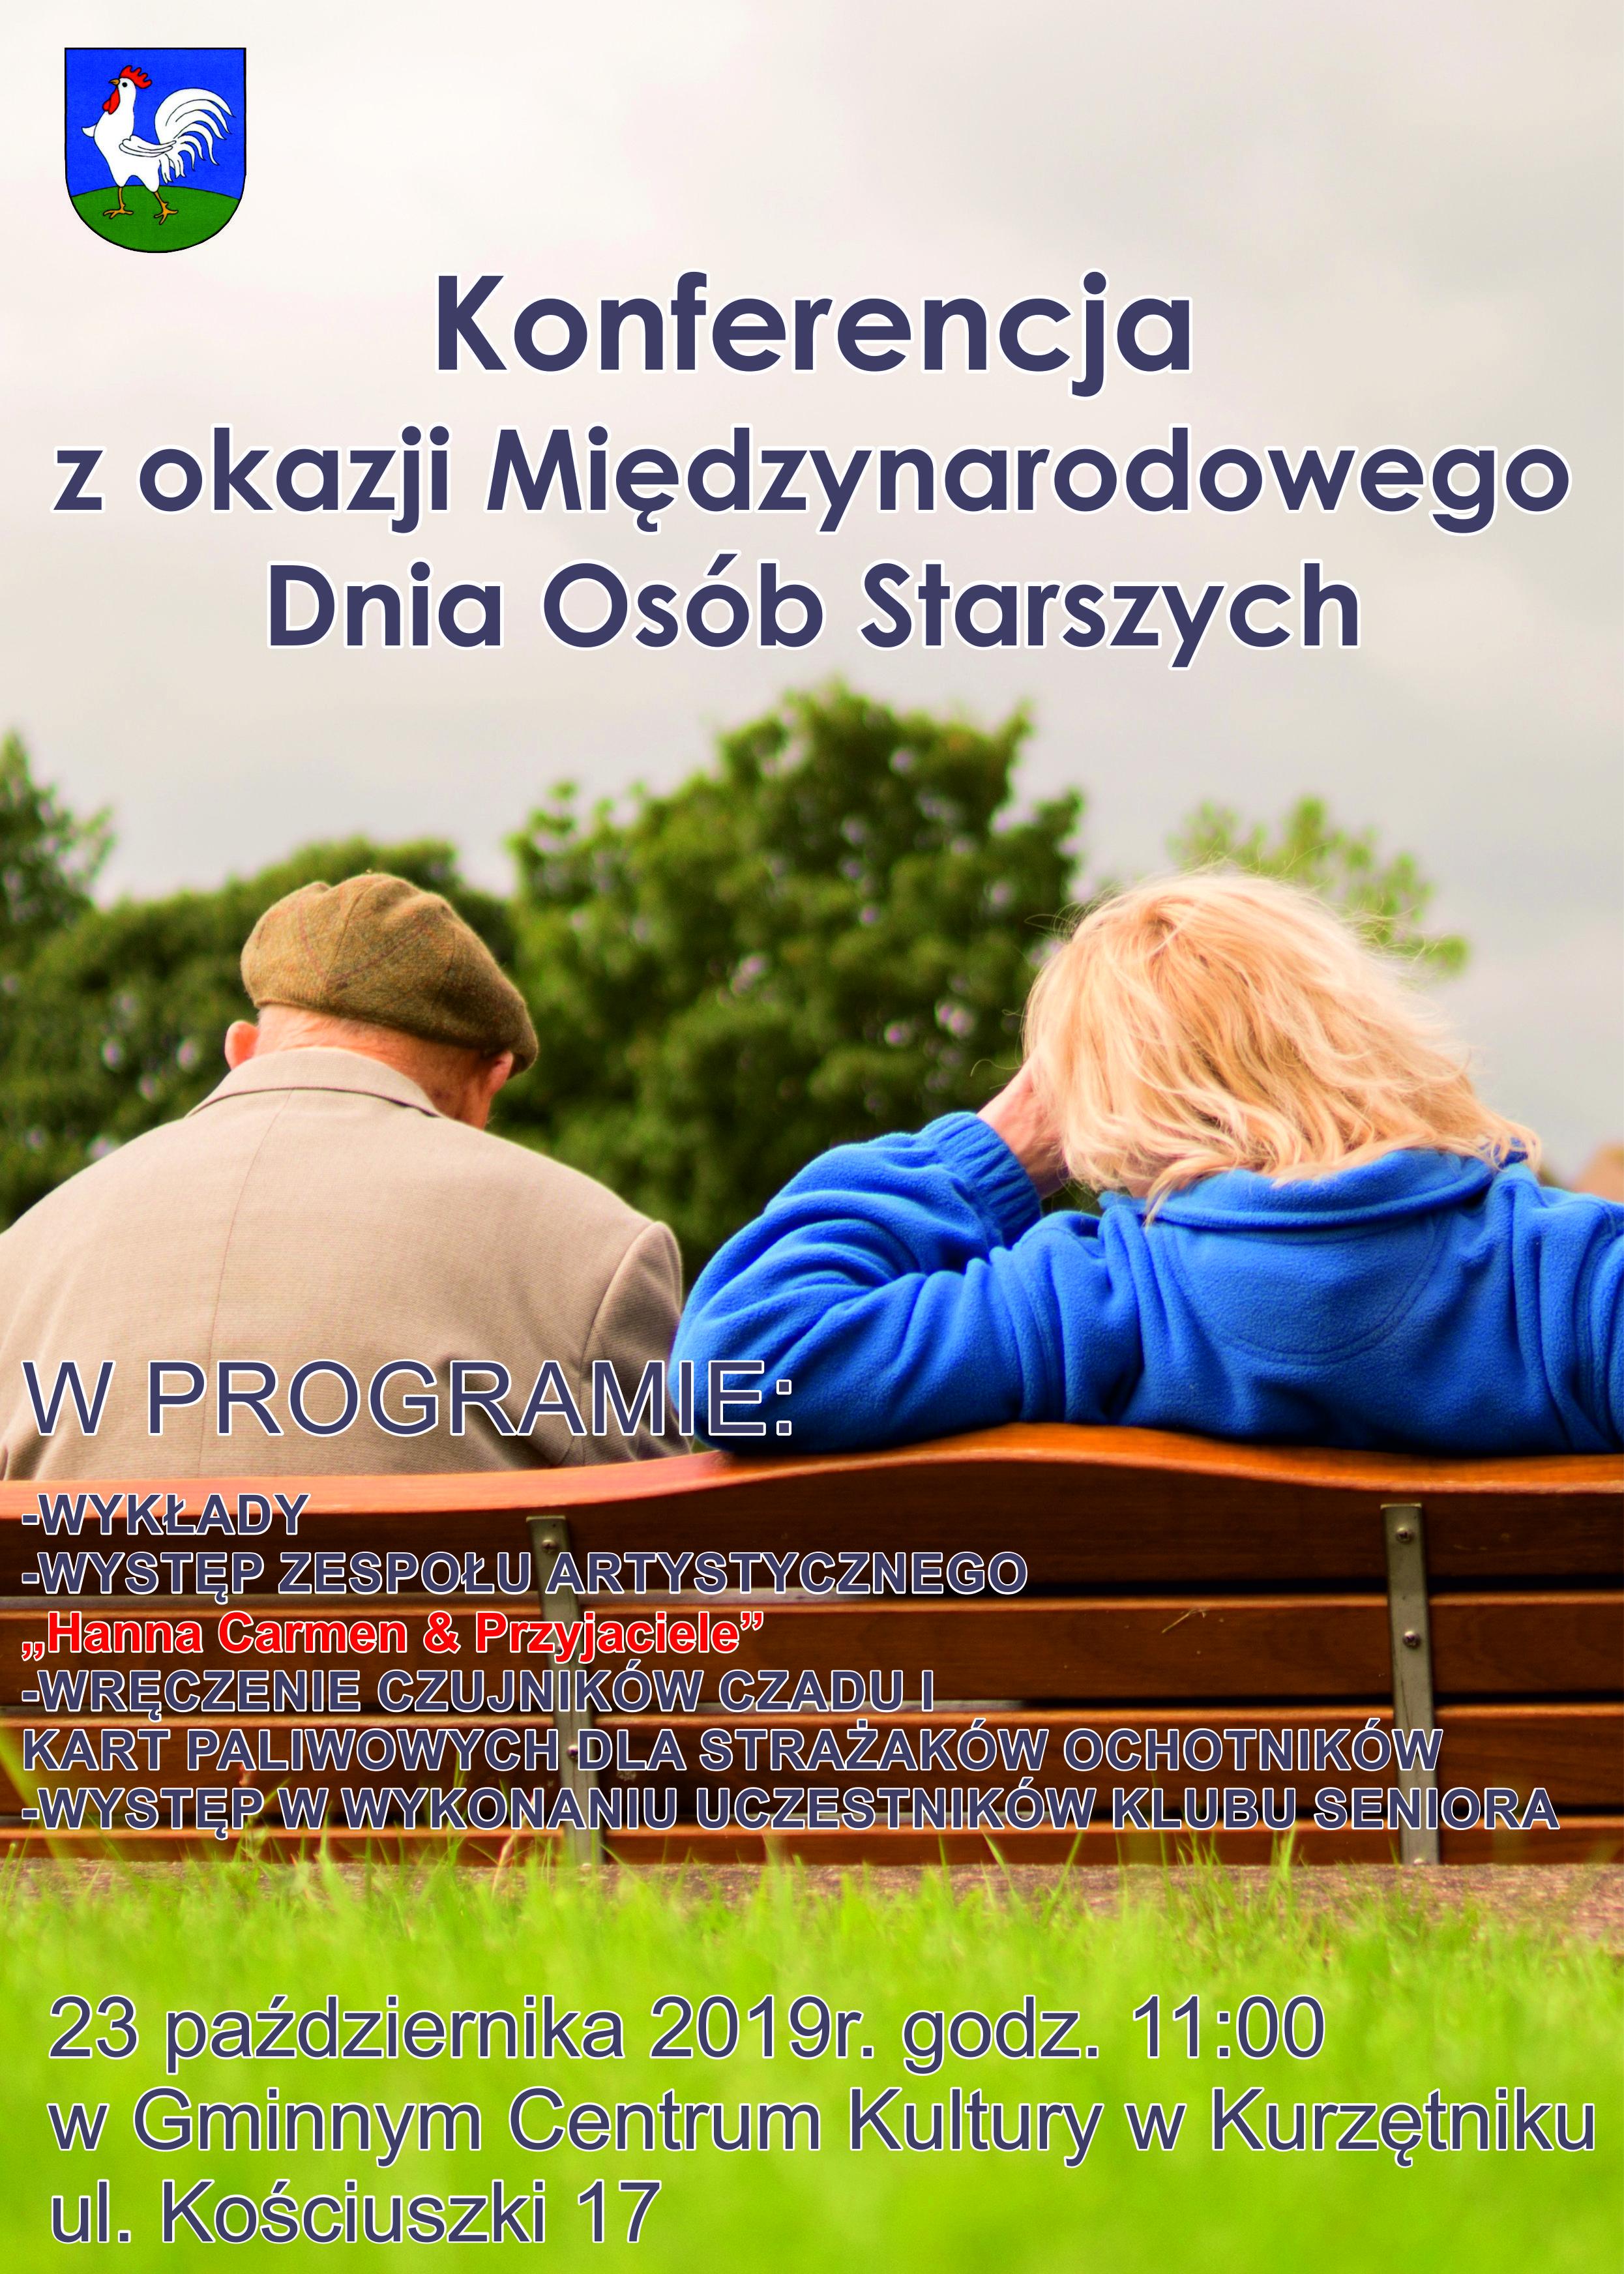 Ilustracja do informacji: Konferencja z okazji Międzynarodowego Dnia Osób Starszych